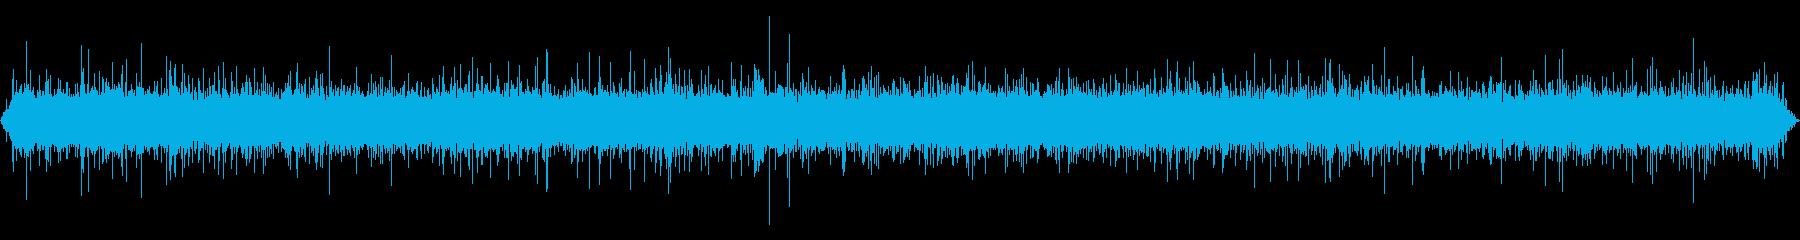 【自然音】小川03(岐阜/恵那)の再生済みの波形